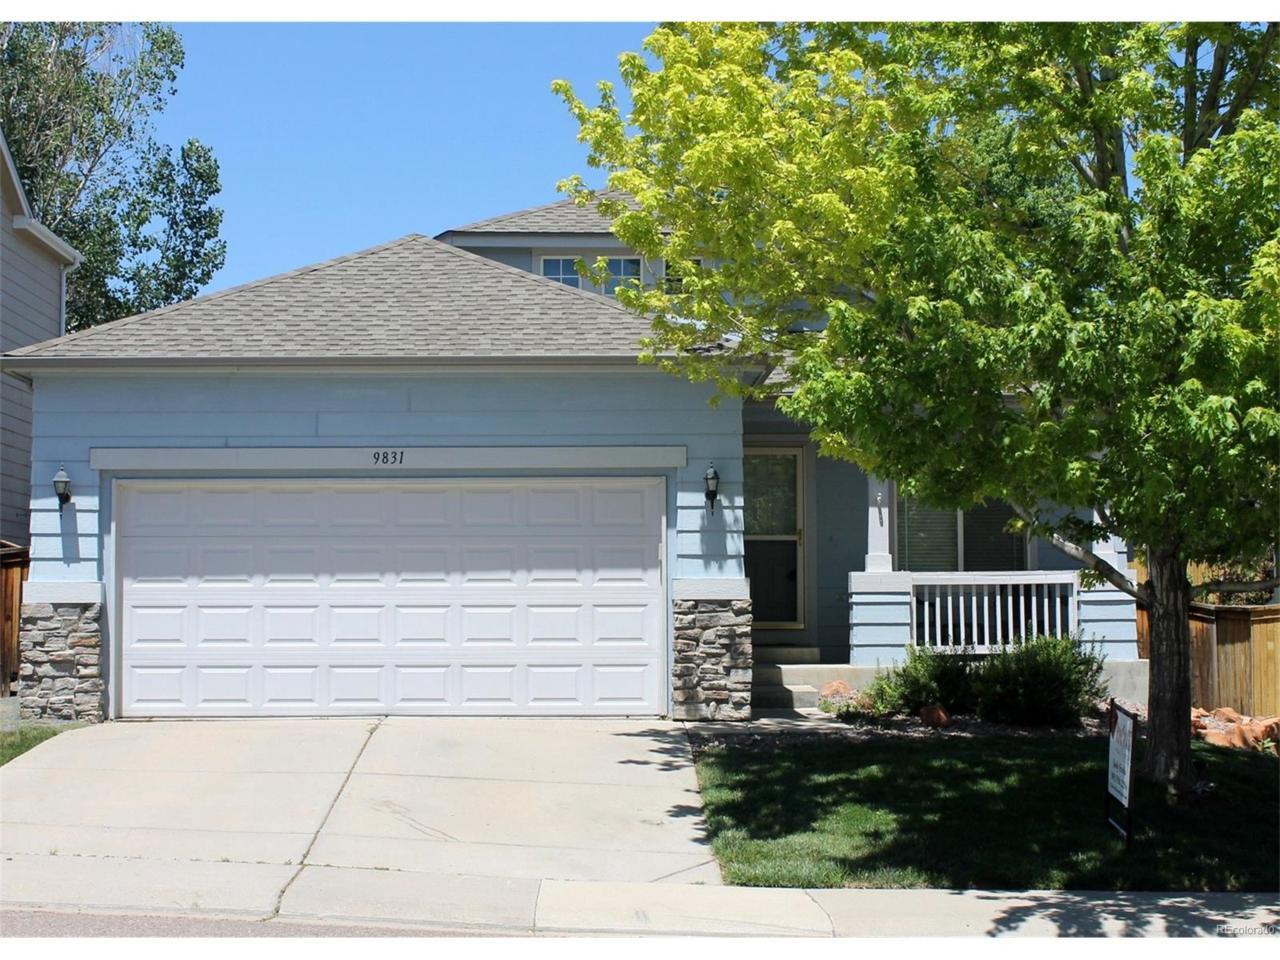 9831 Sydney Lane, Highlands Ranch, CO 80130 (MLS #7037160) :: 8z Real Estate